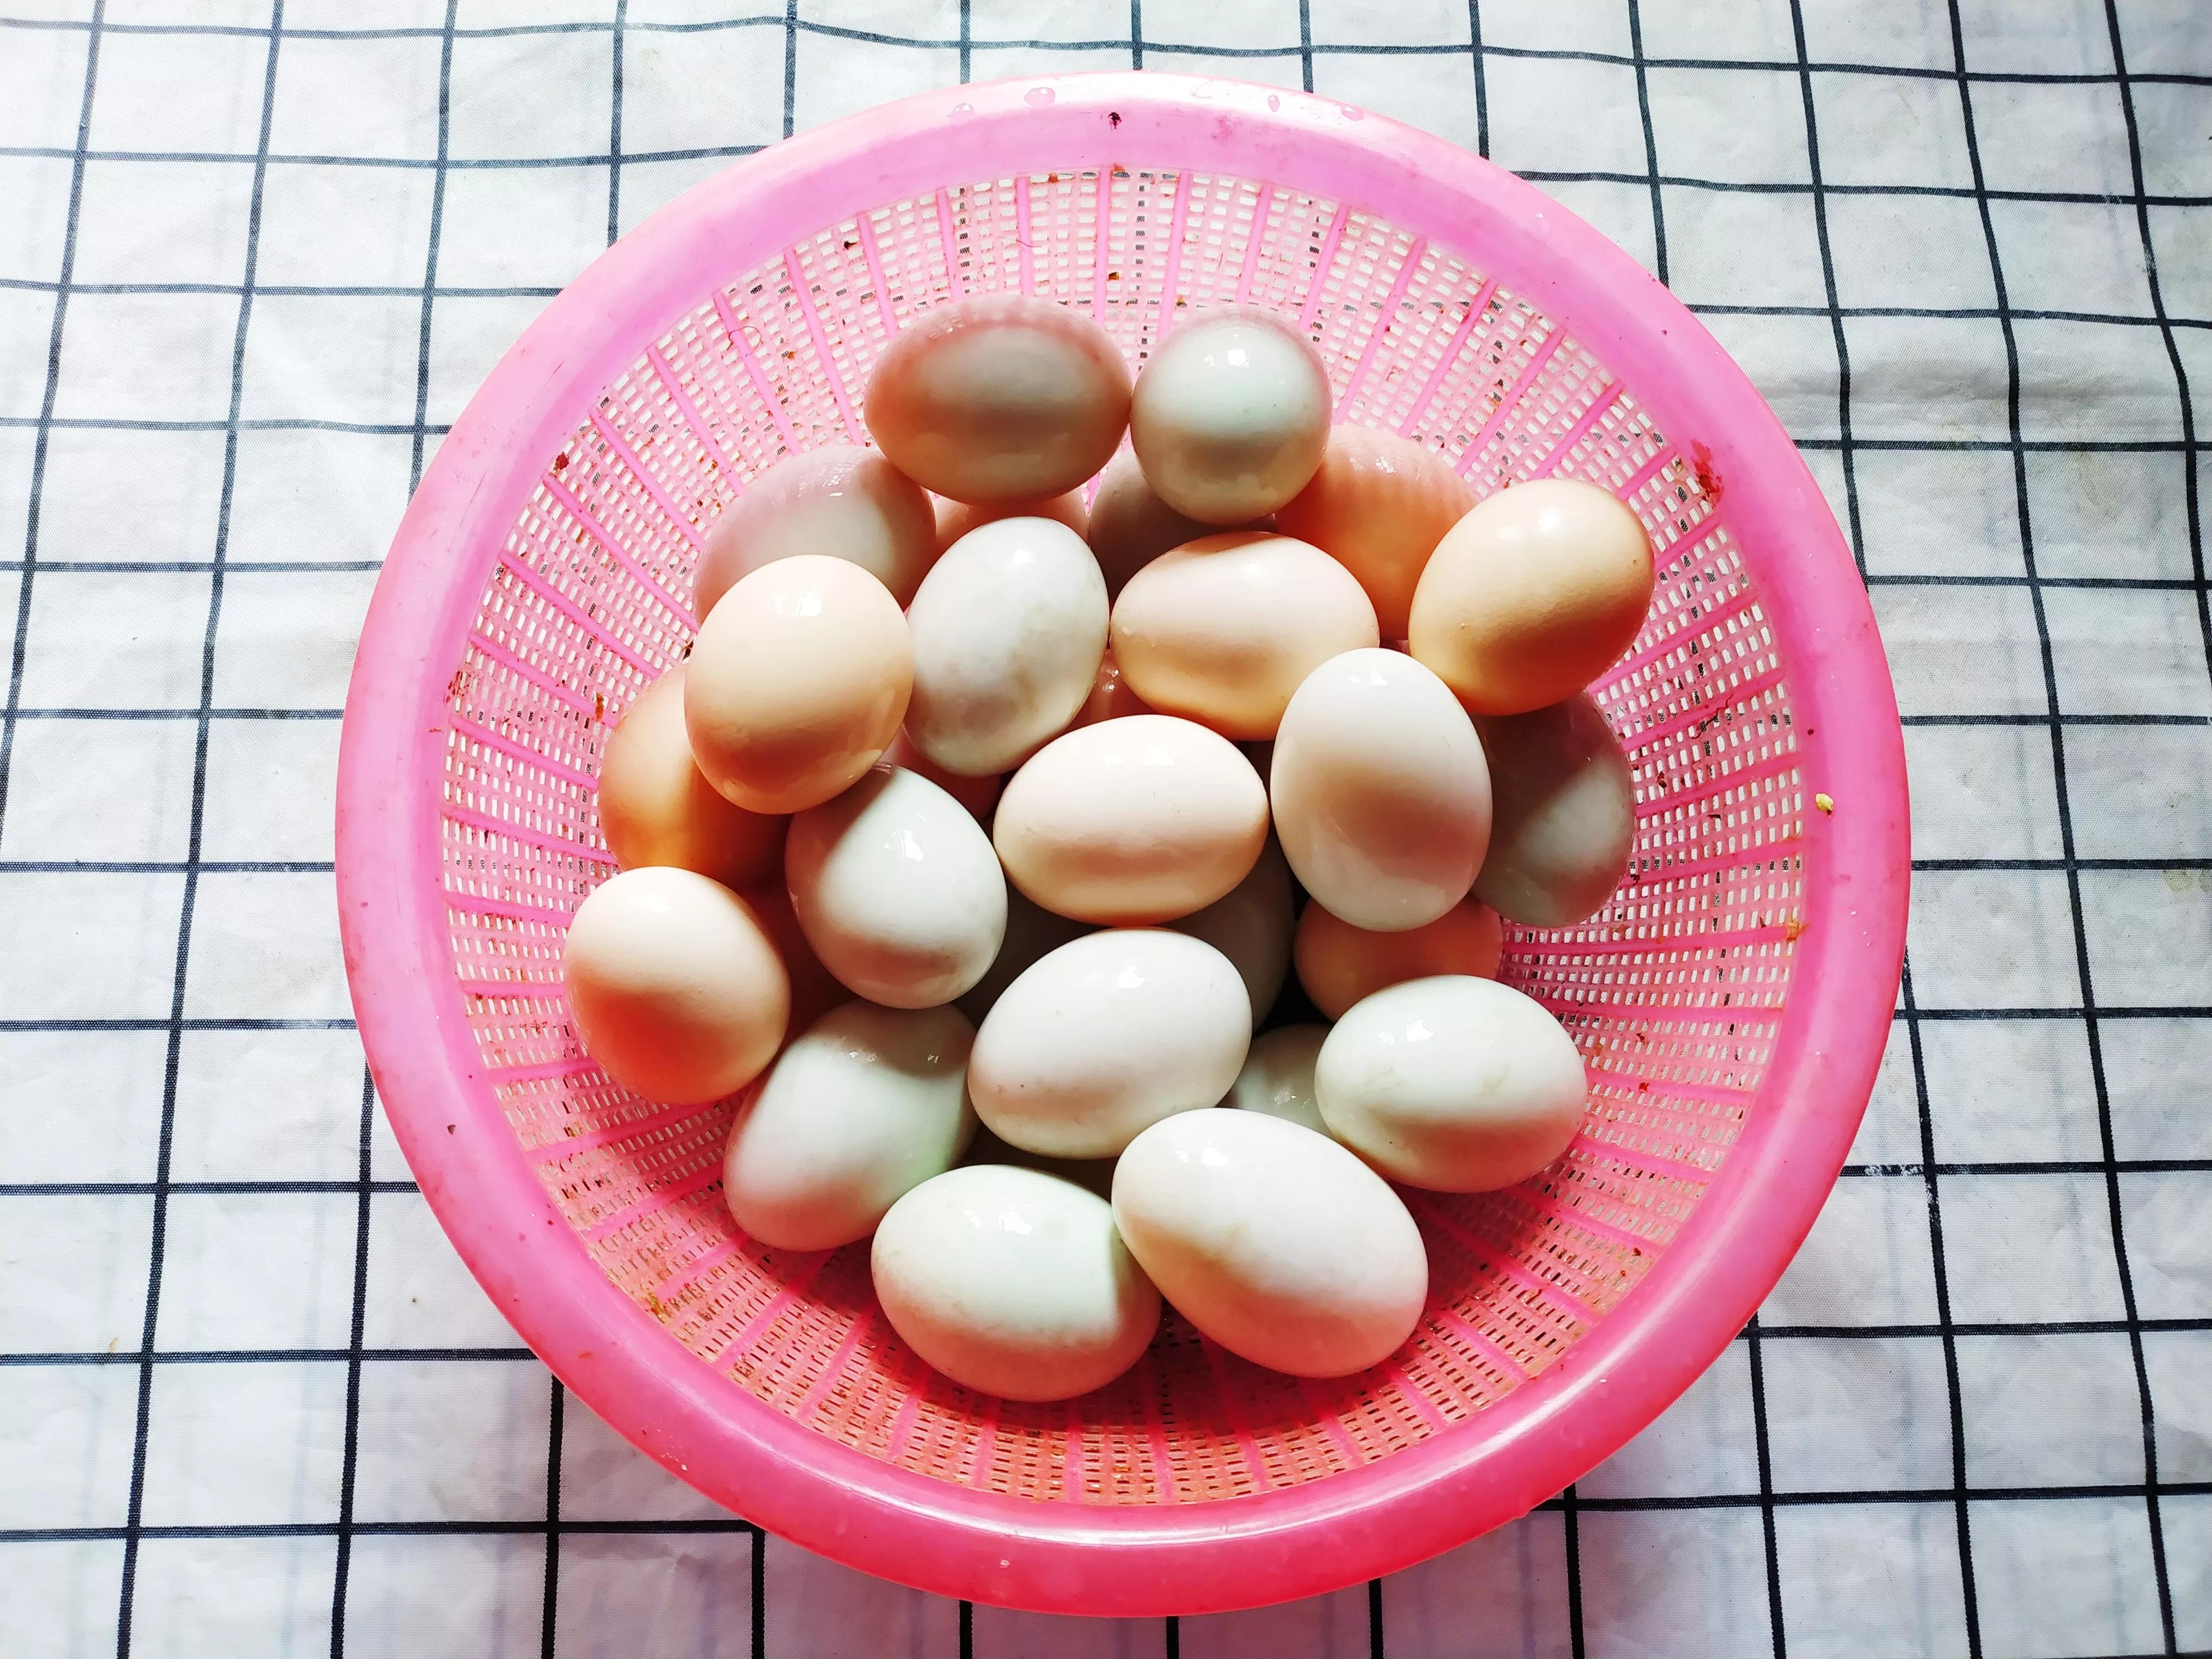 老妈用了15年腌鸭蛋的土方法,个个咸香流油起沙,一次就成功